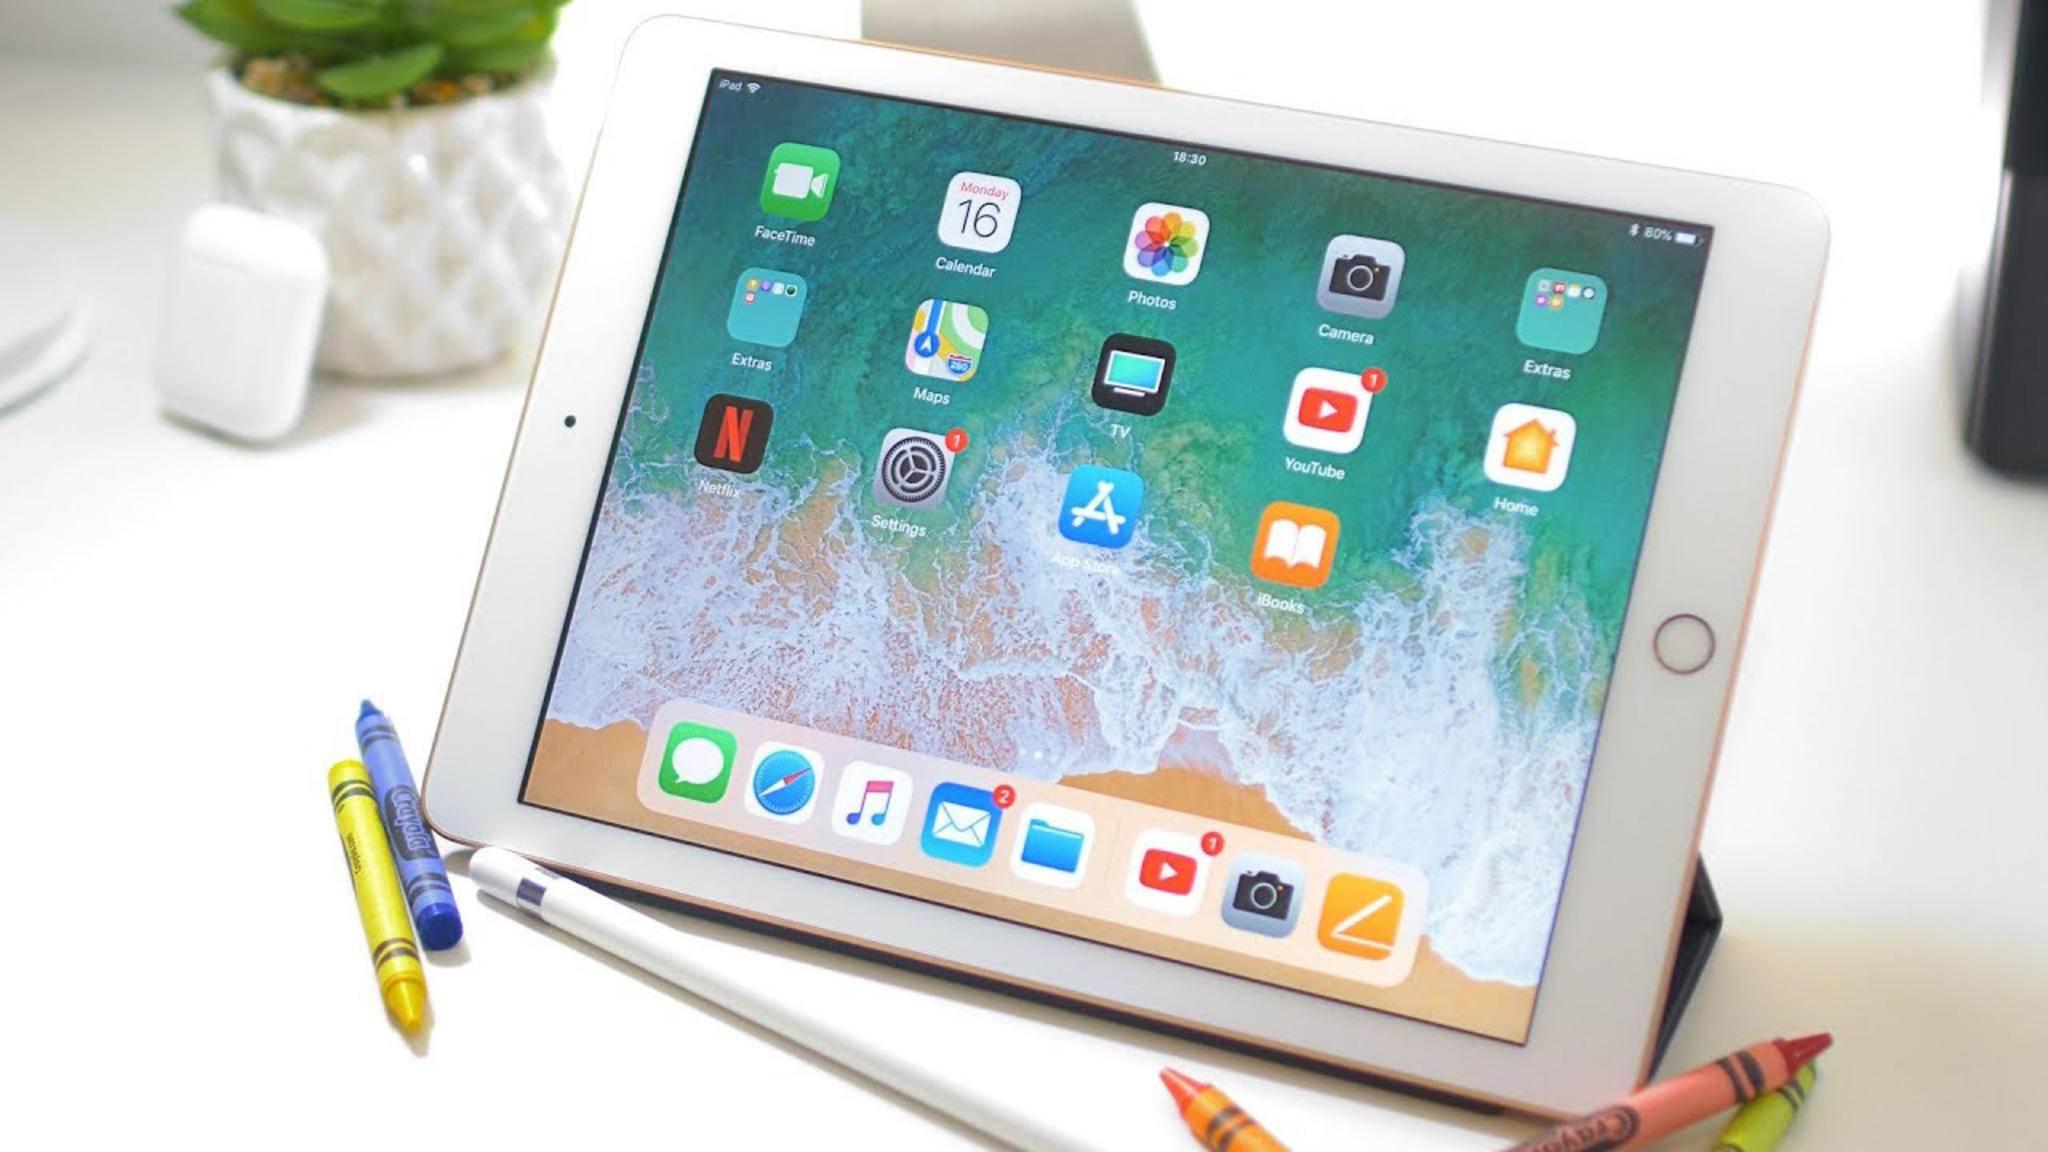 Mit iOS 12 wird auch der Zugriff auf das Dock des iPads deutlich komfortabler.